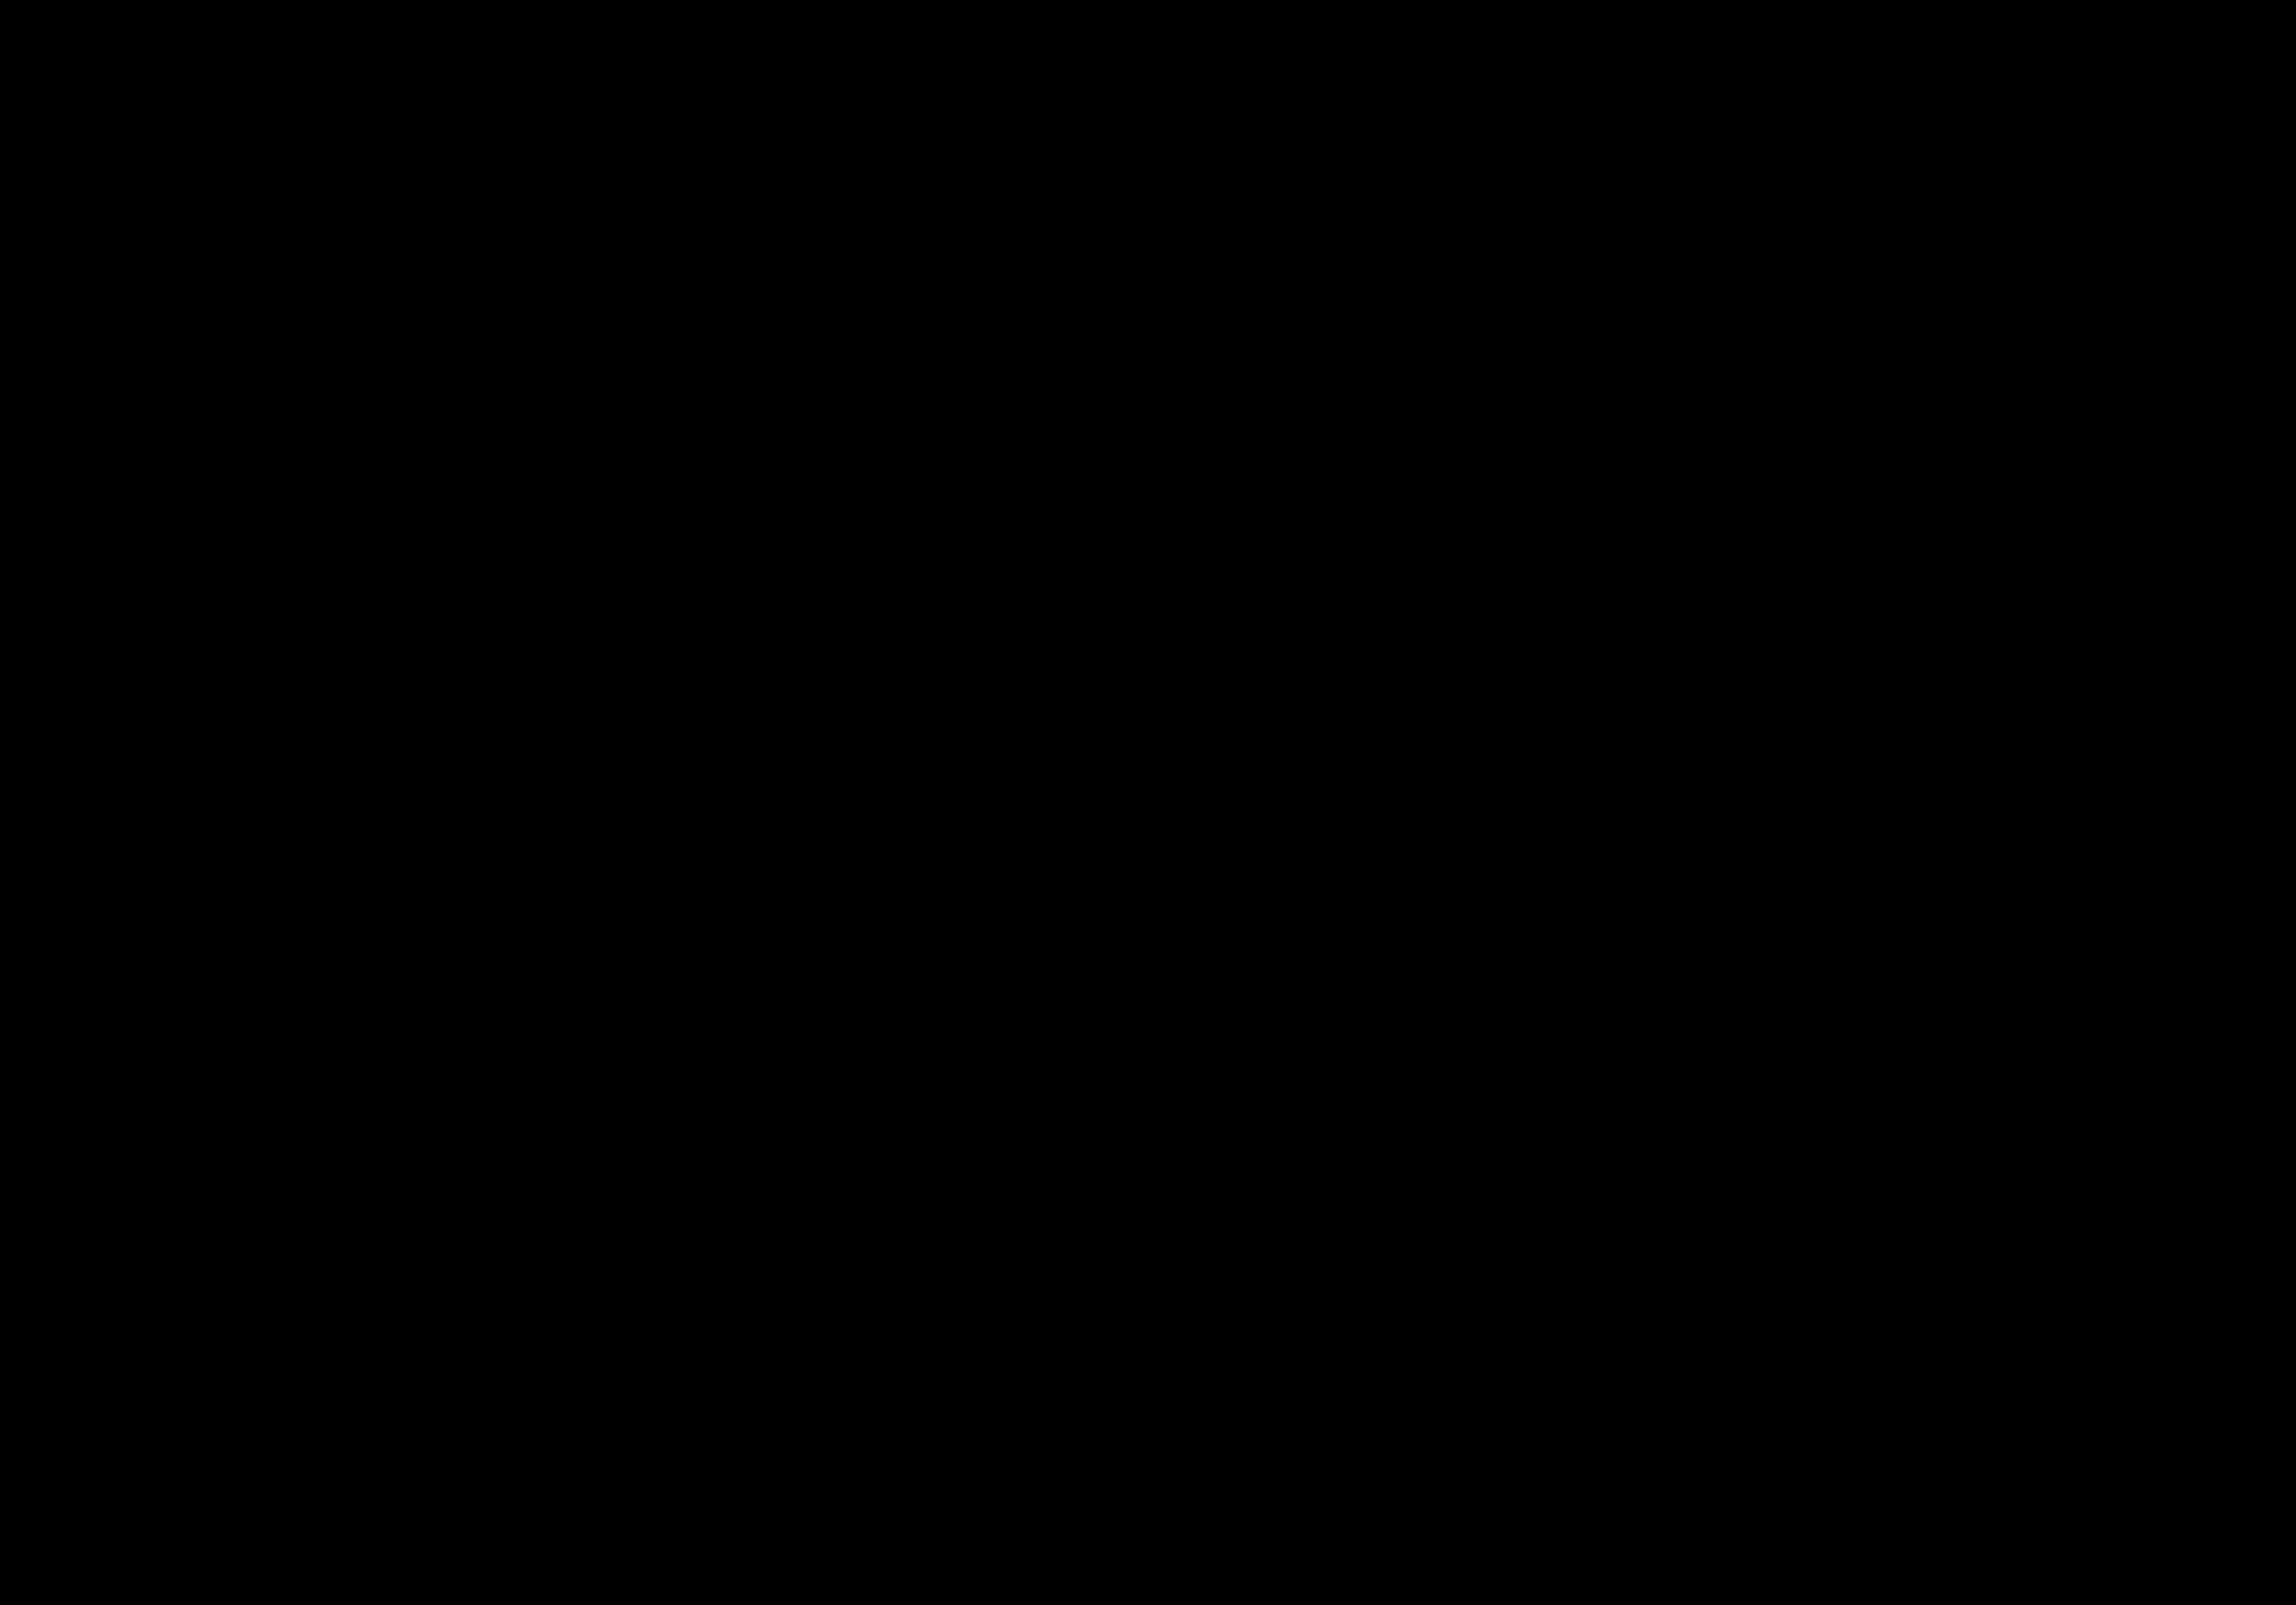 6035_SK03_Proposed Ground Floor Plan.jpg